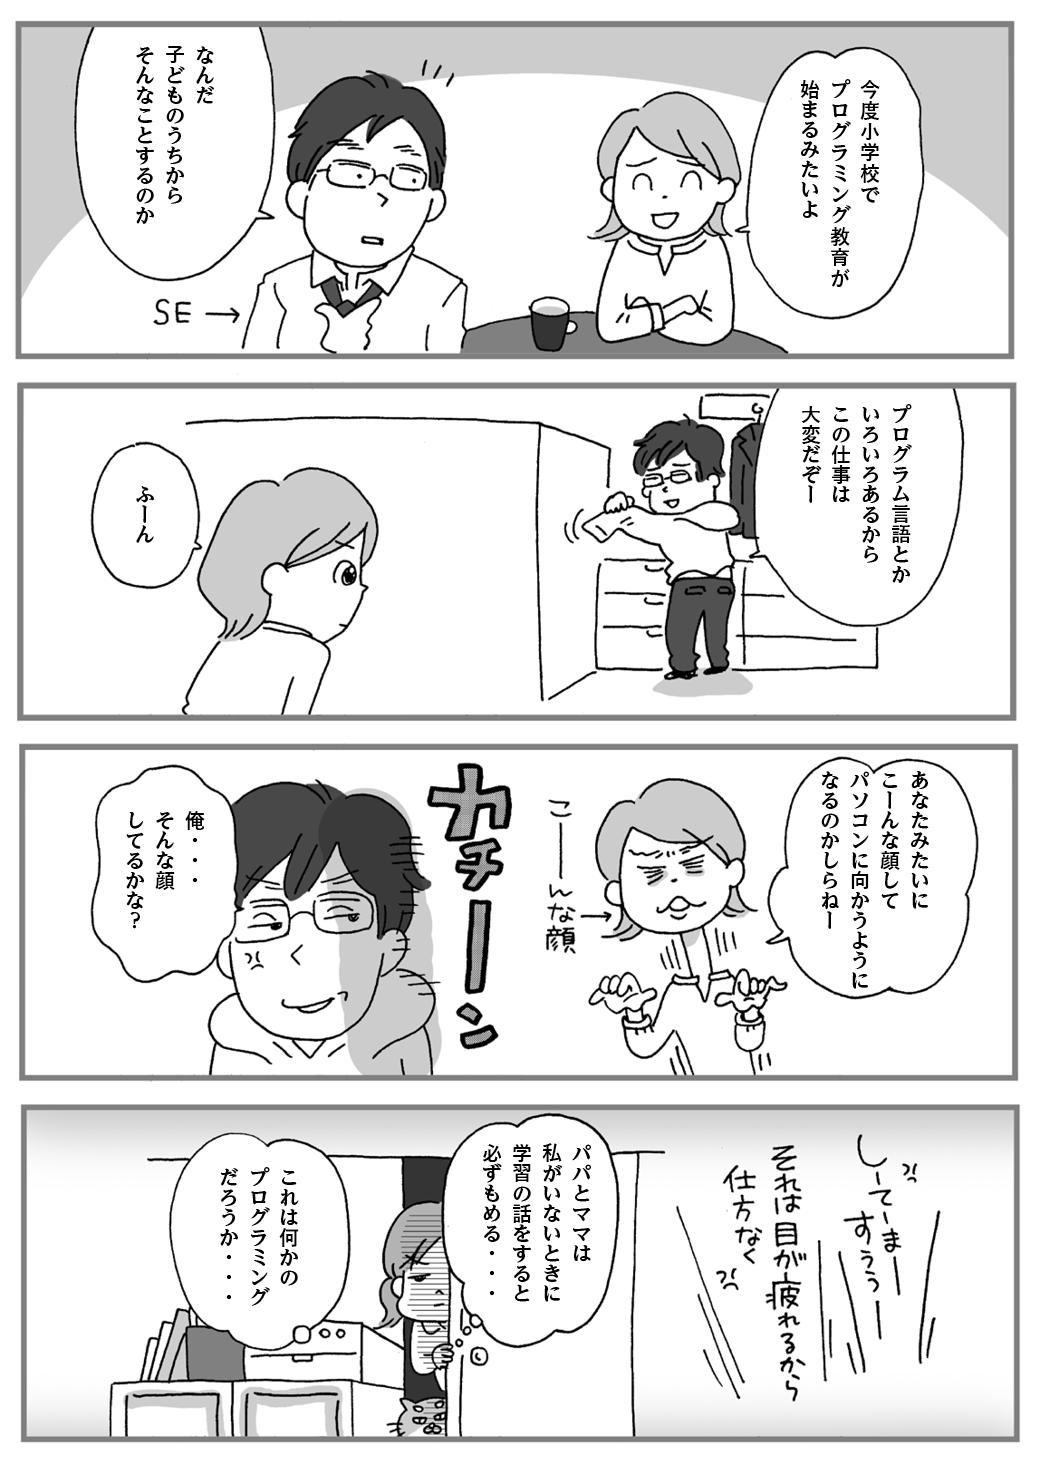 2018-09-学習指導要領マンガ-001.png